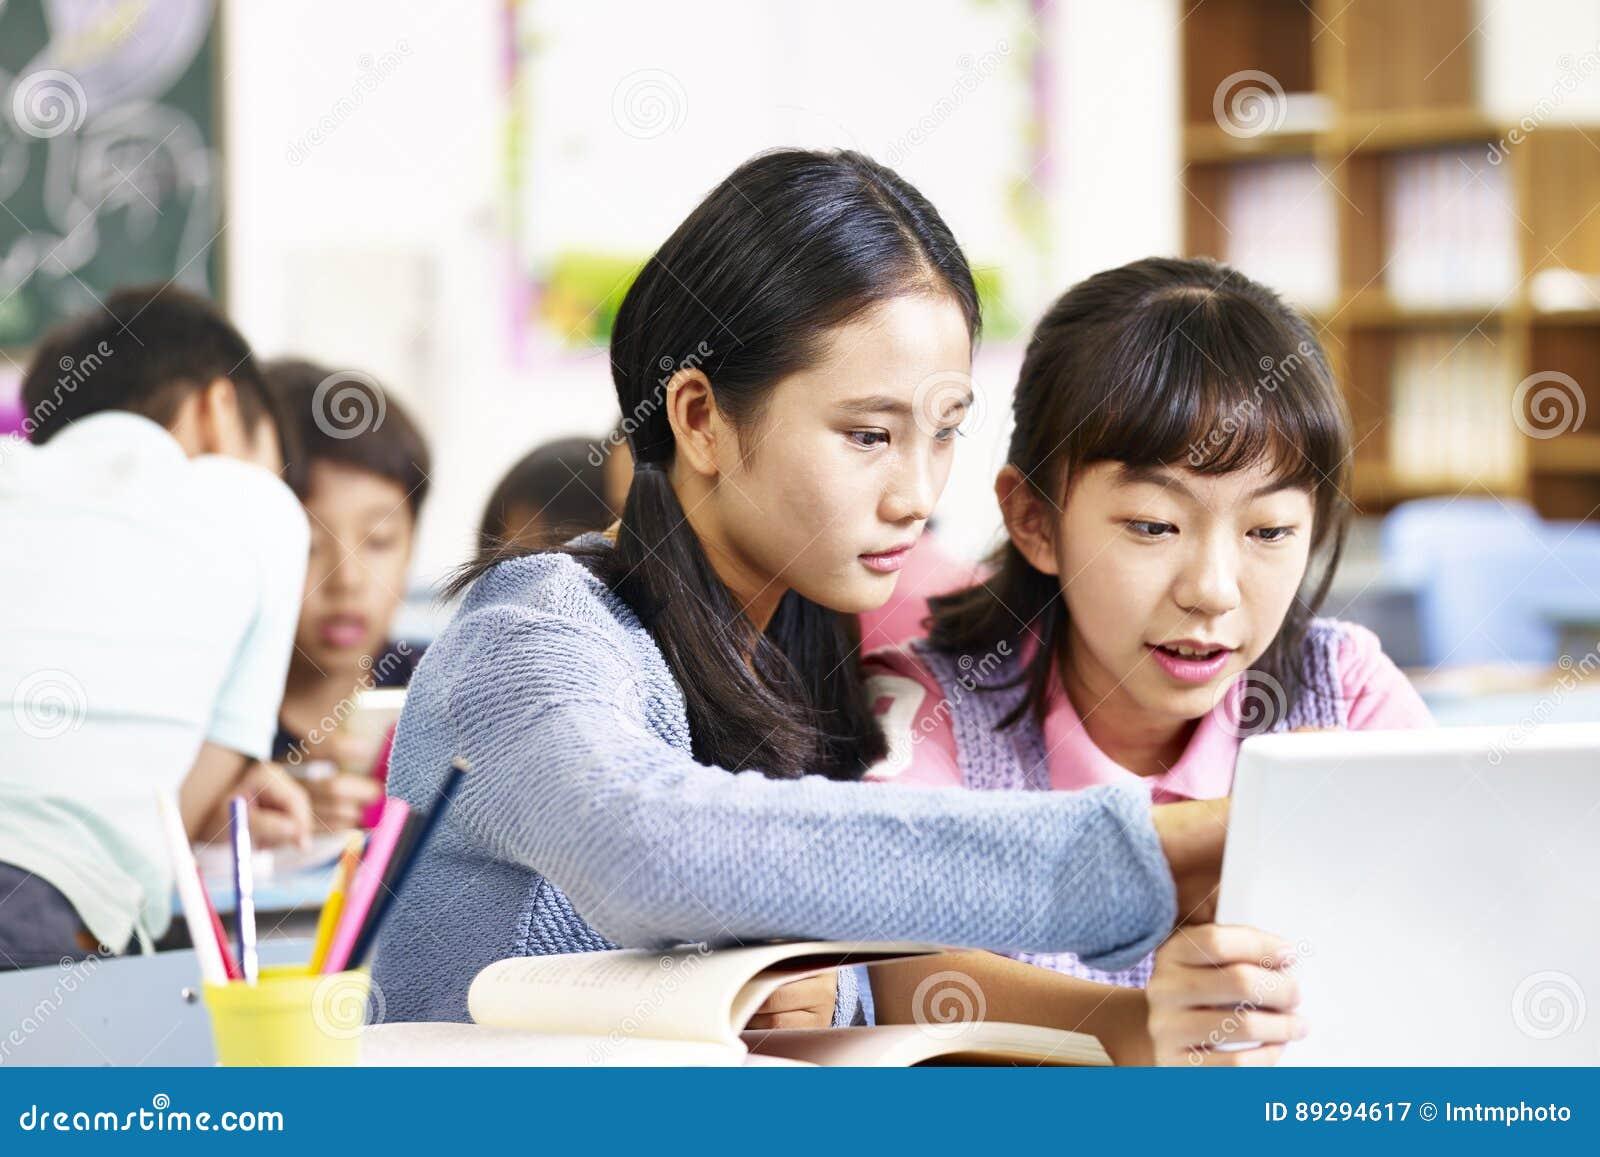 Asiatische Grundschülerteamarbeit